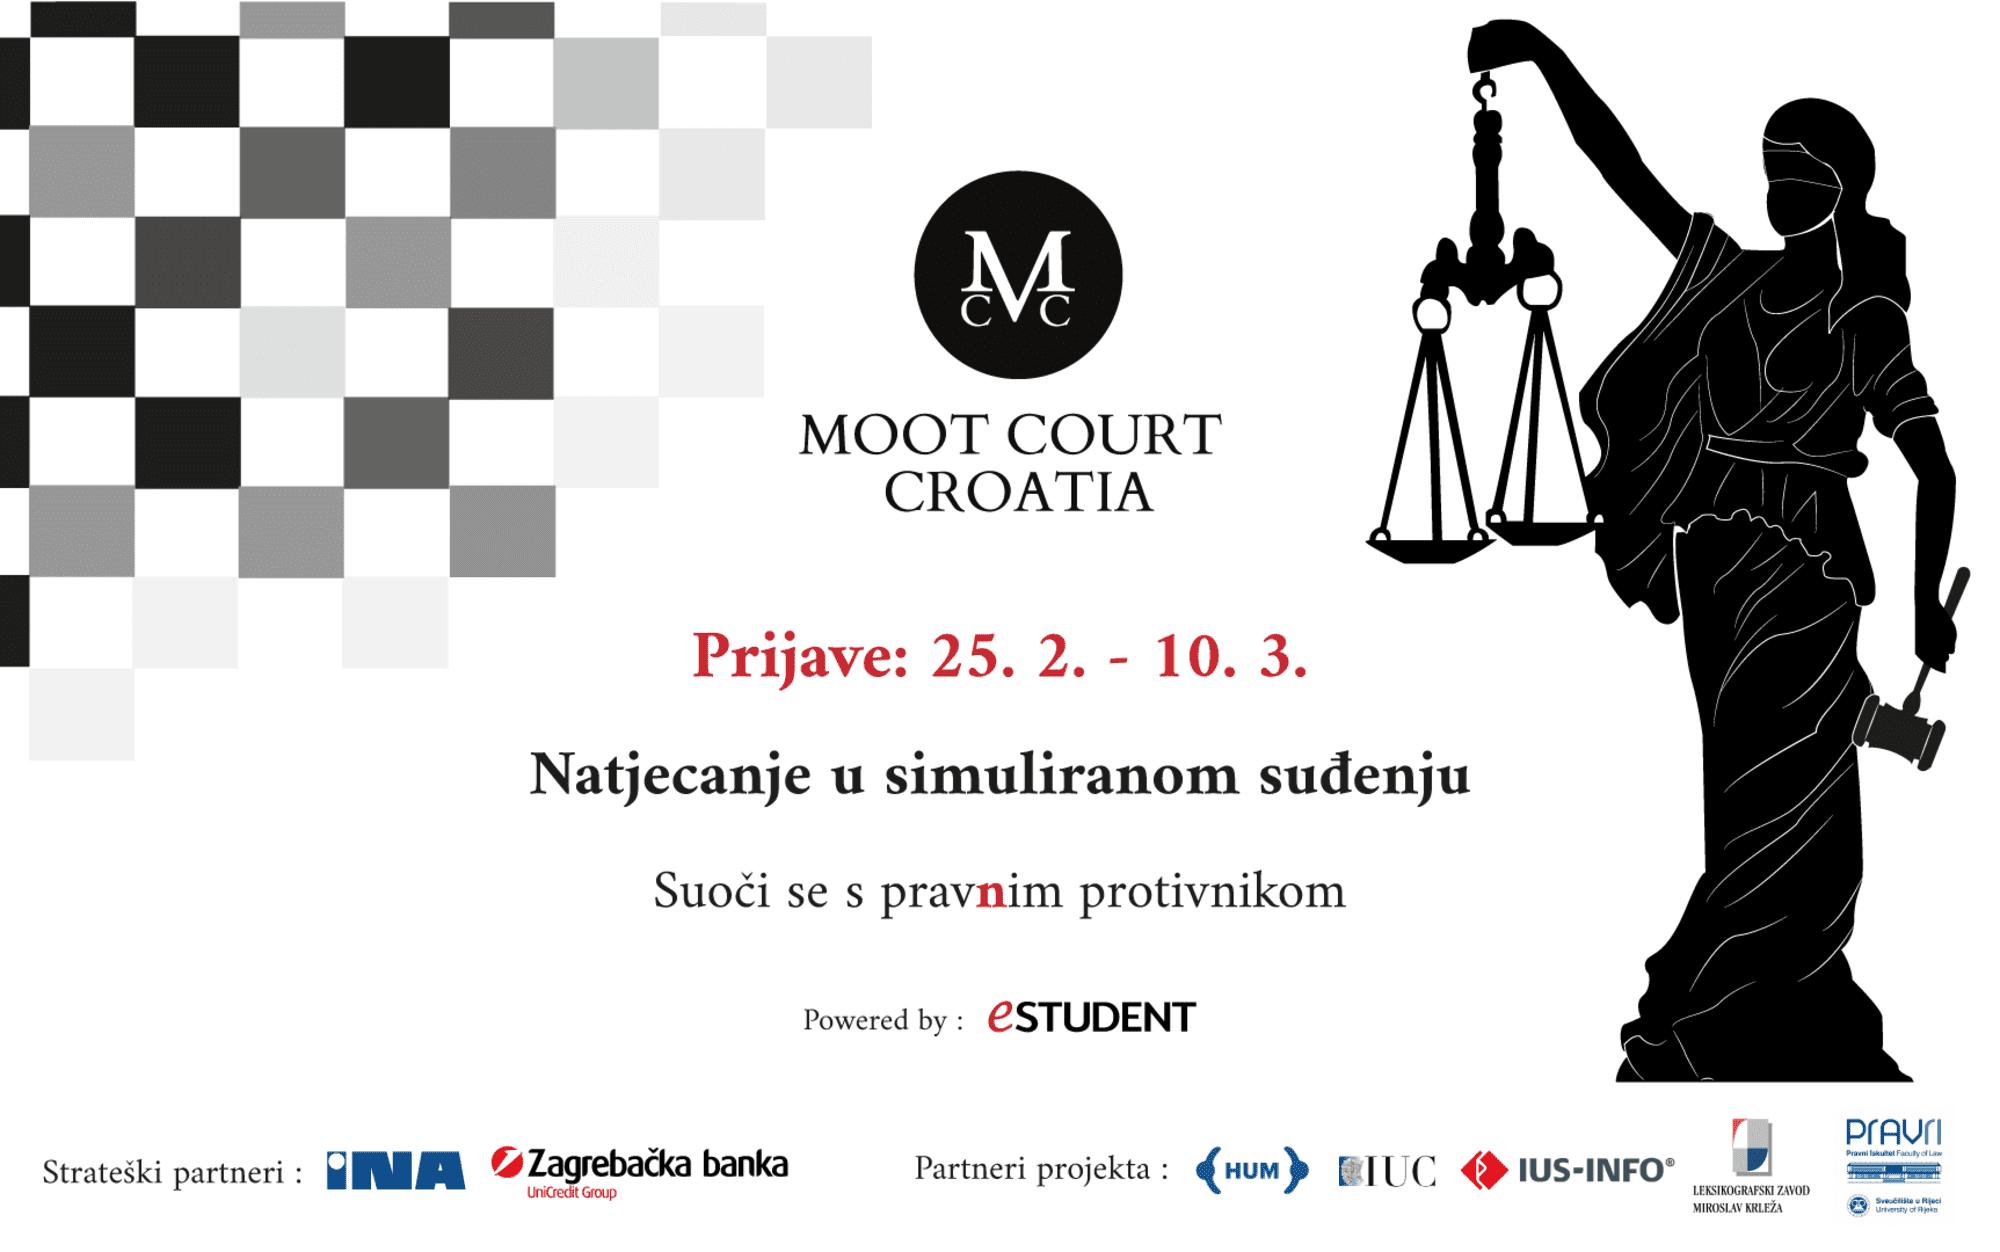 Tražiš pravničko iskustvo? Prijave za Moot Court Croatia su otvorene!